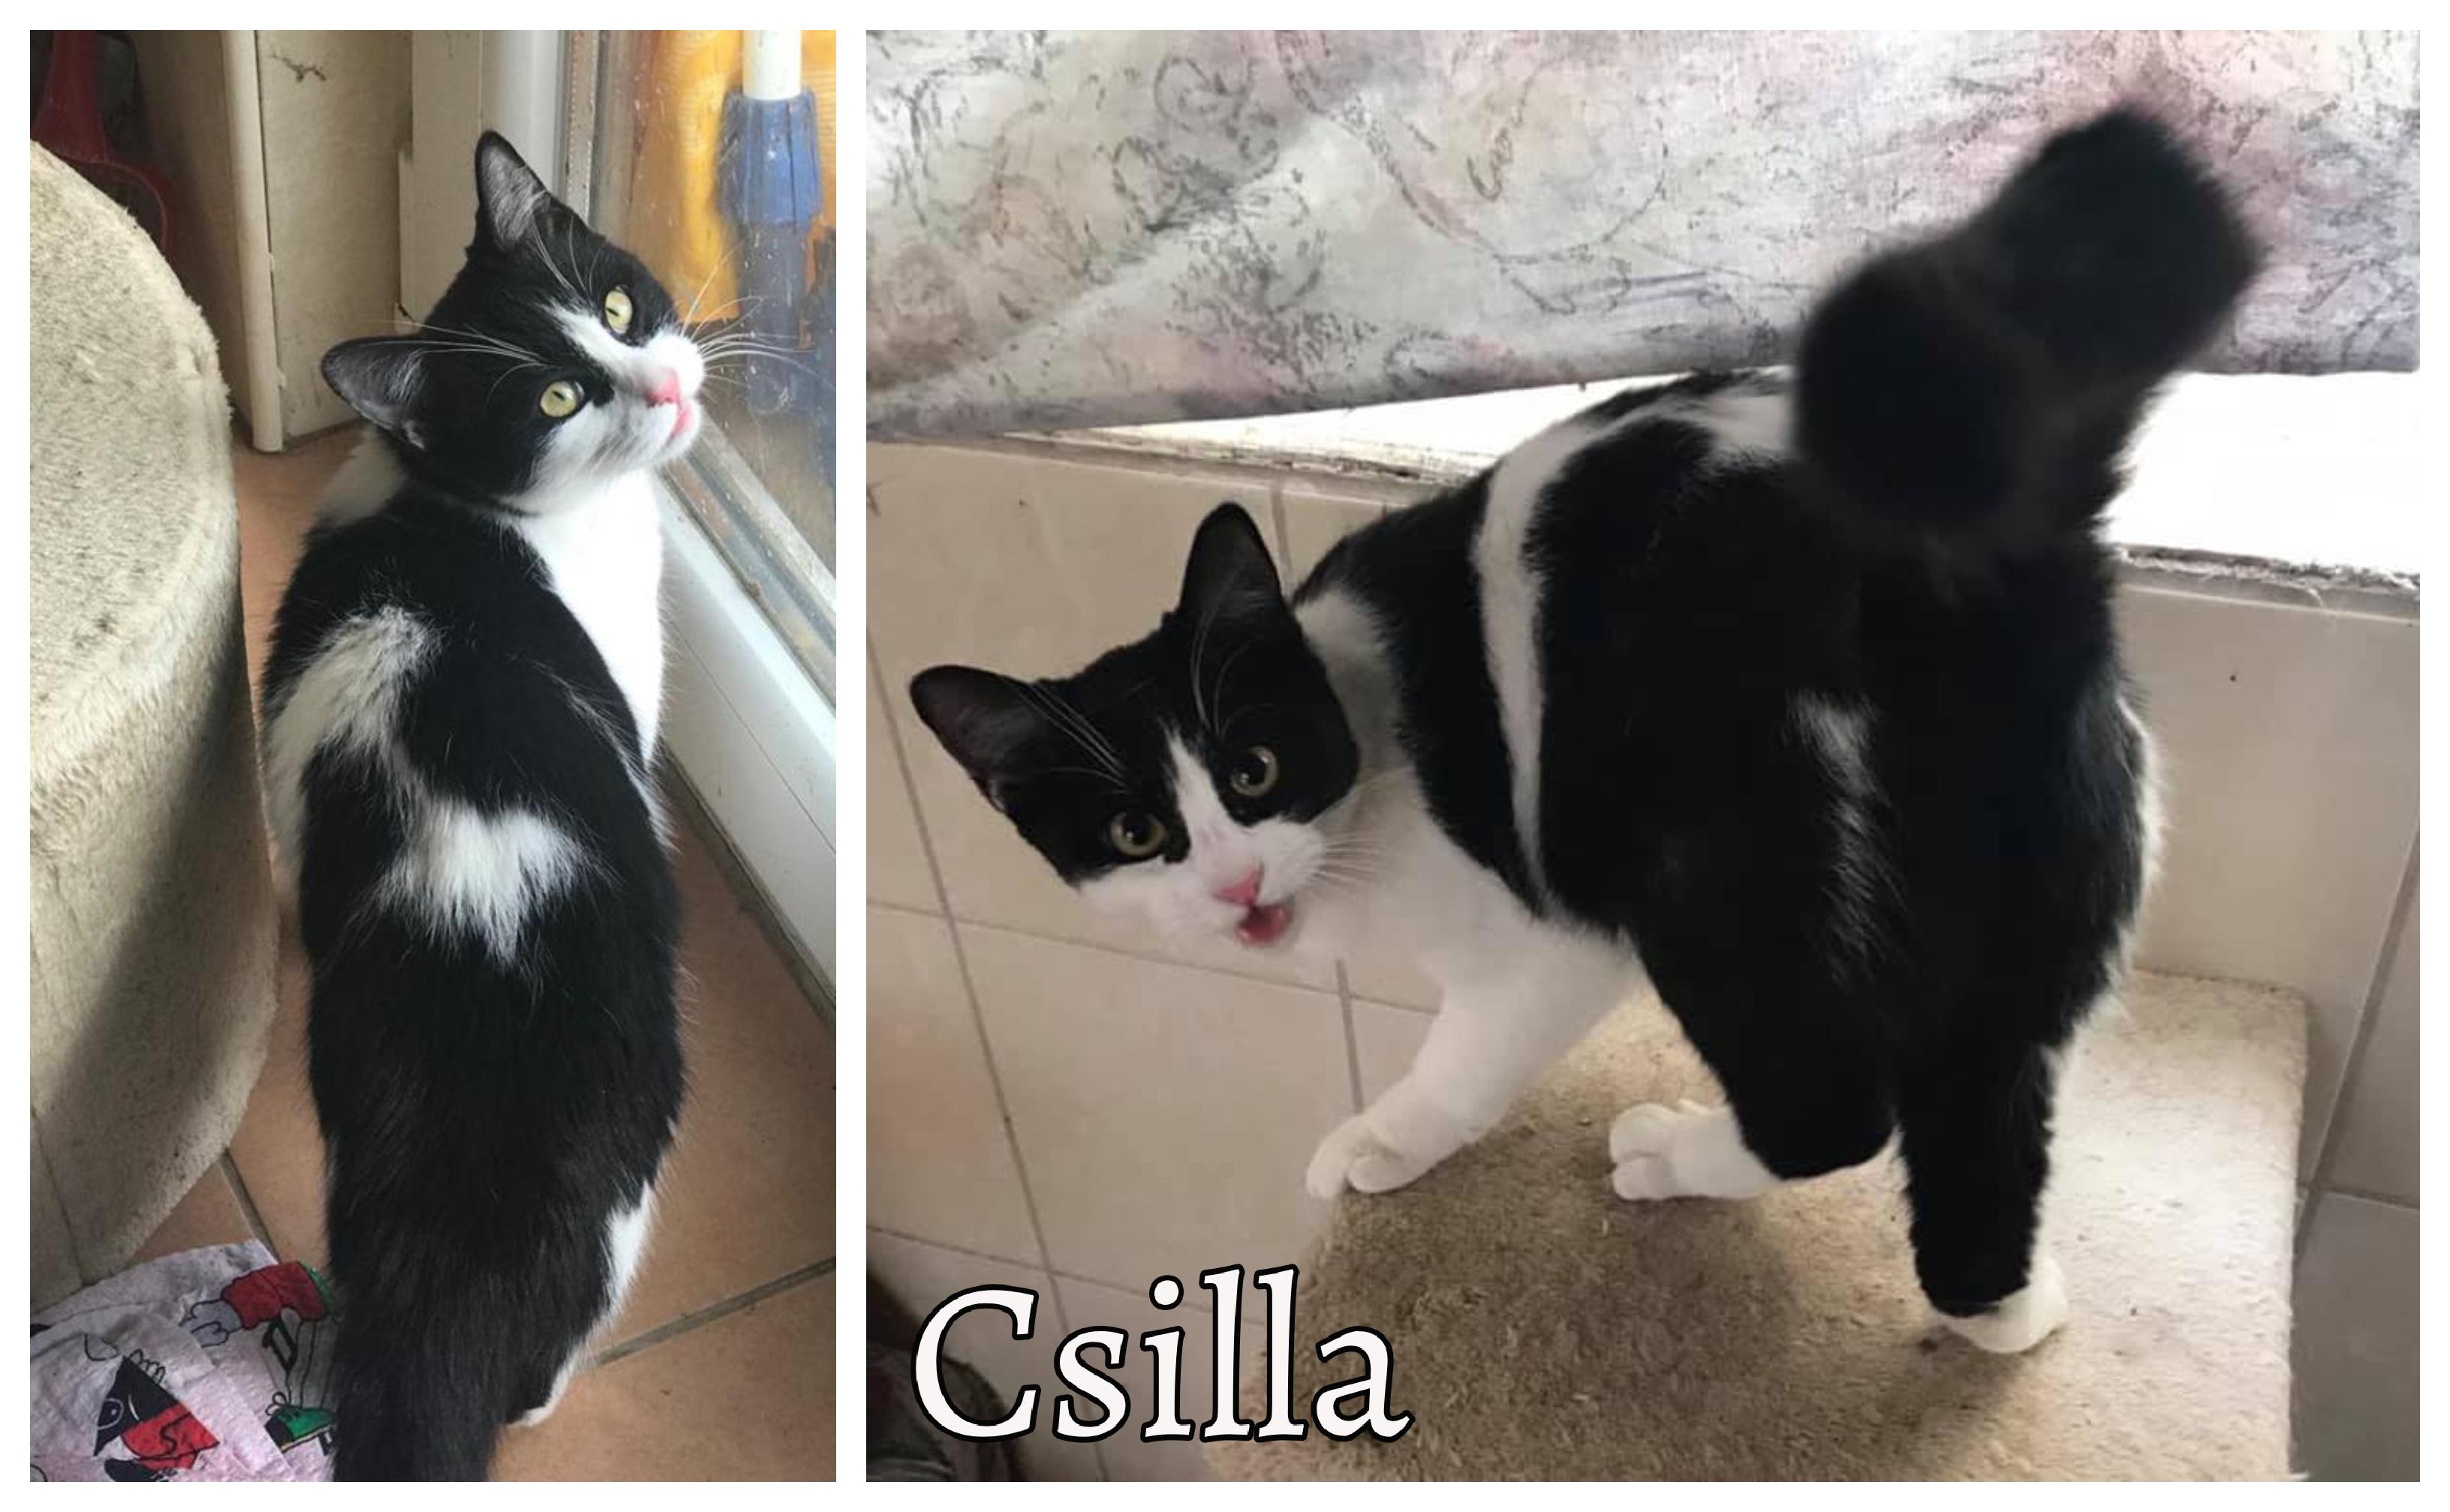 csilla0317_bf_2.jpg